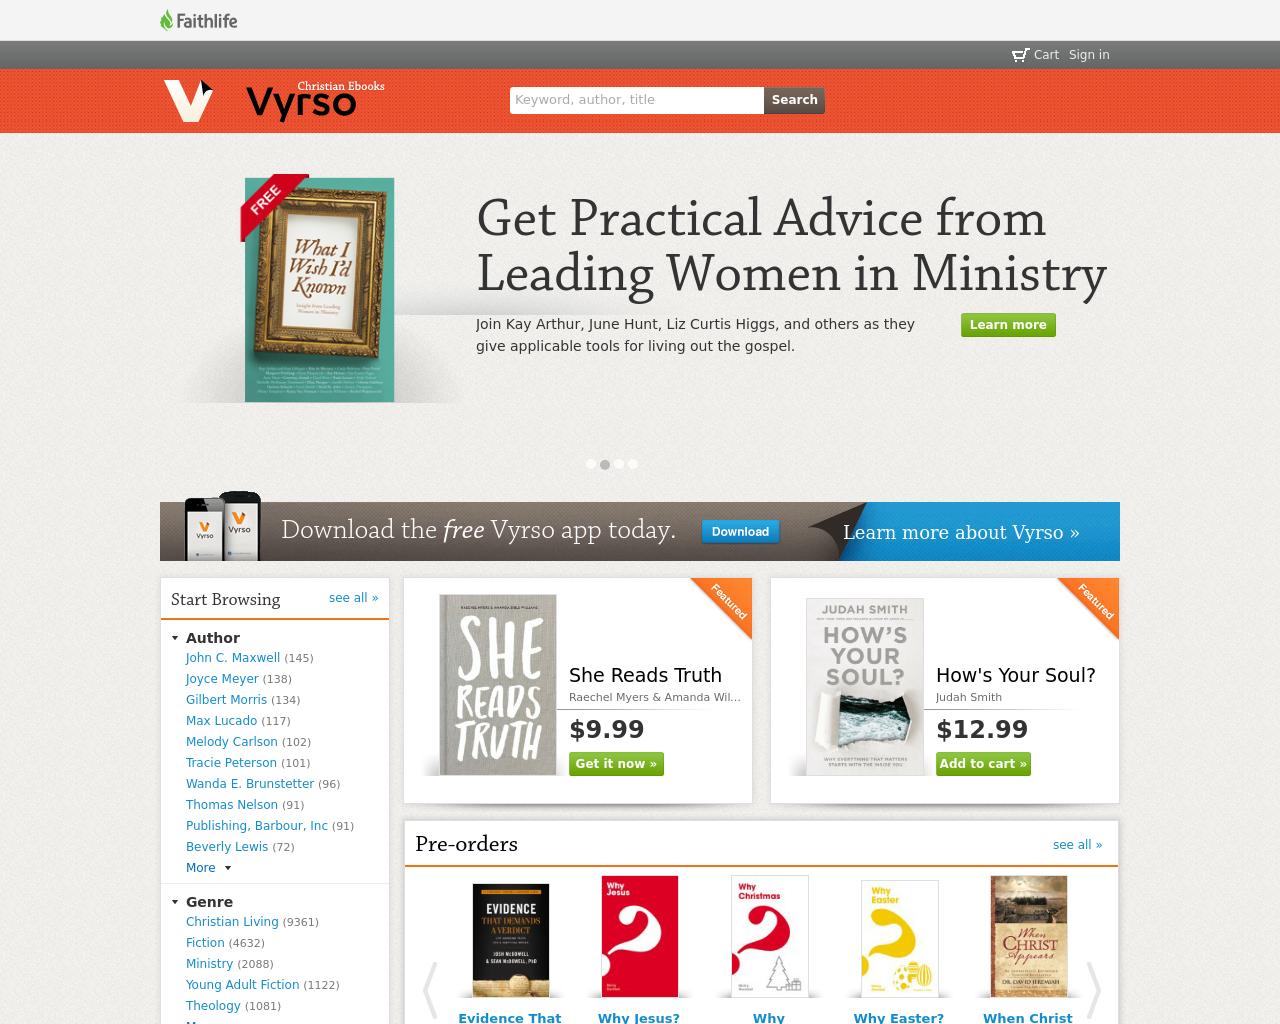 Vyrso-Advertising-Reviews-Pricing